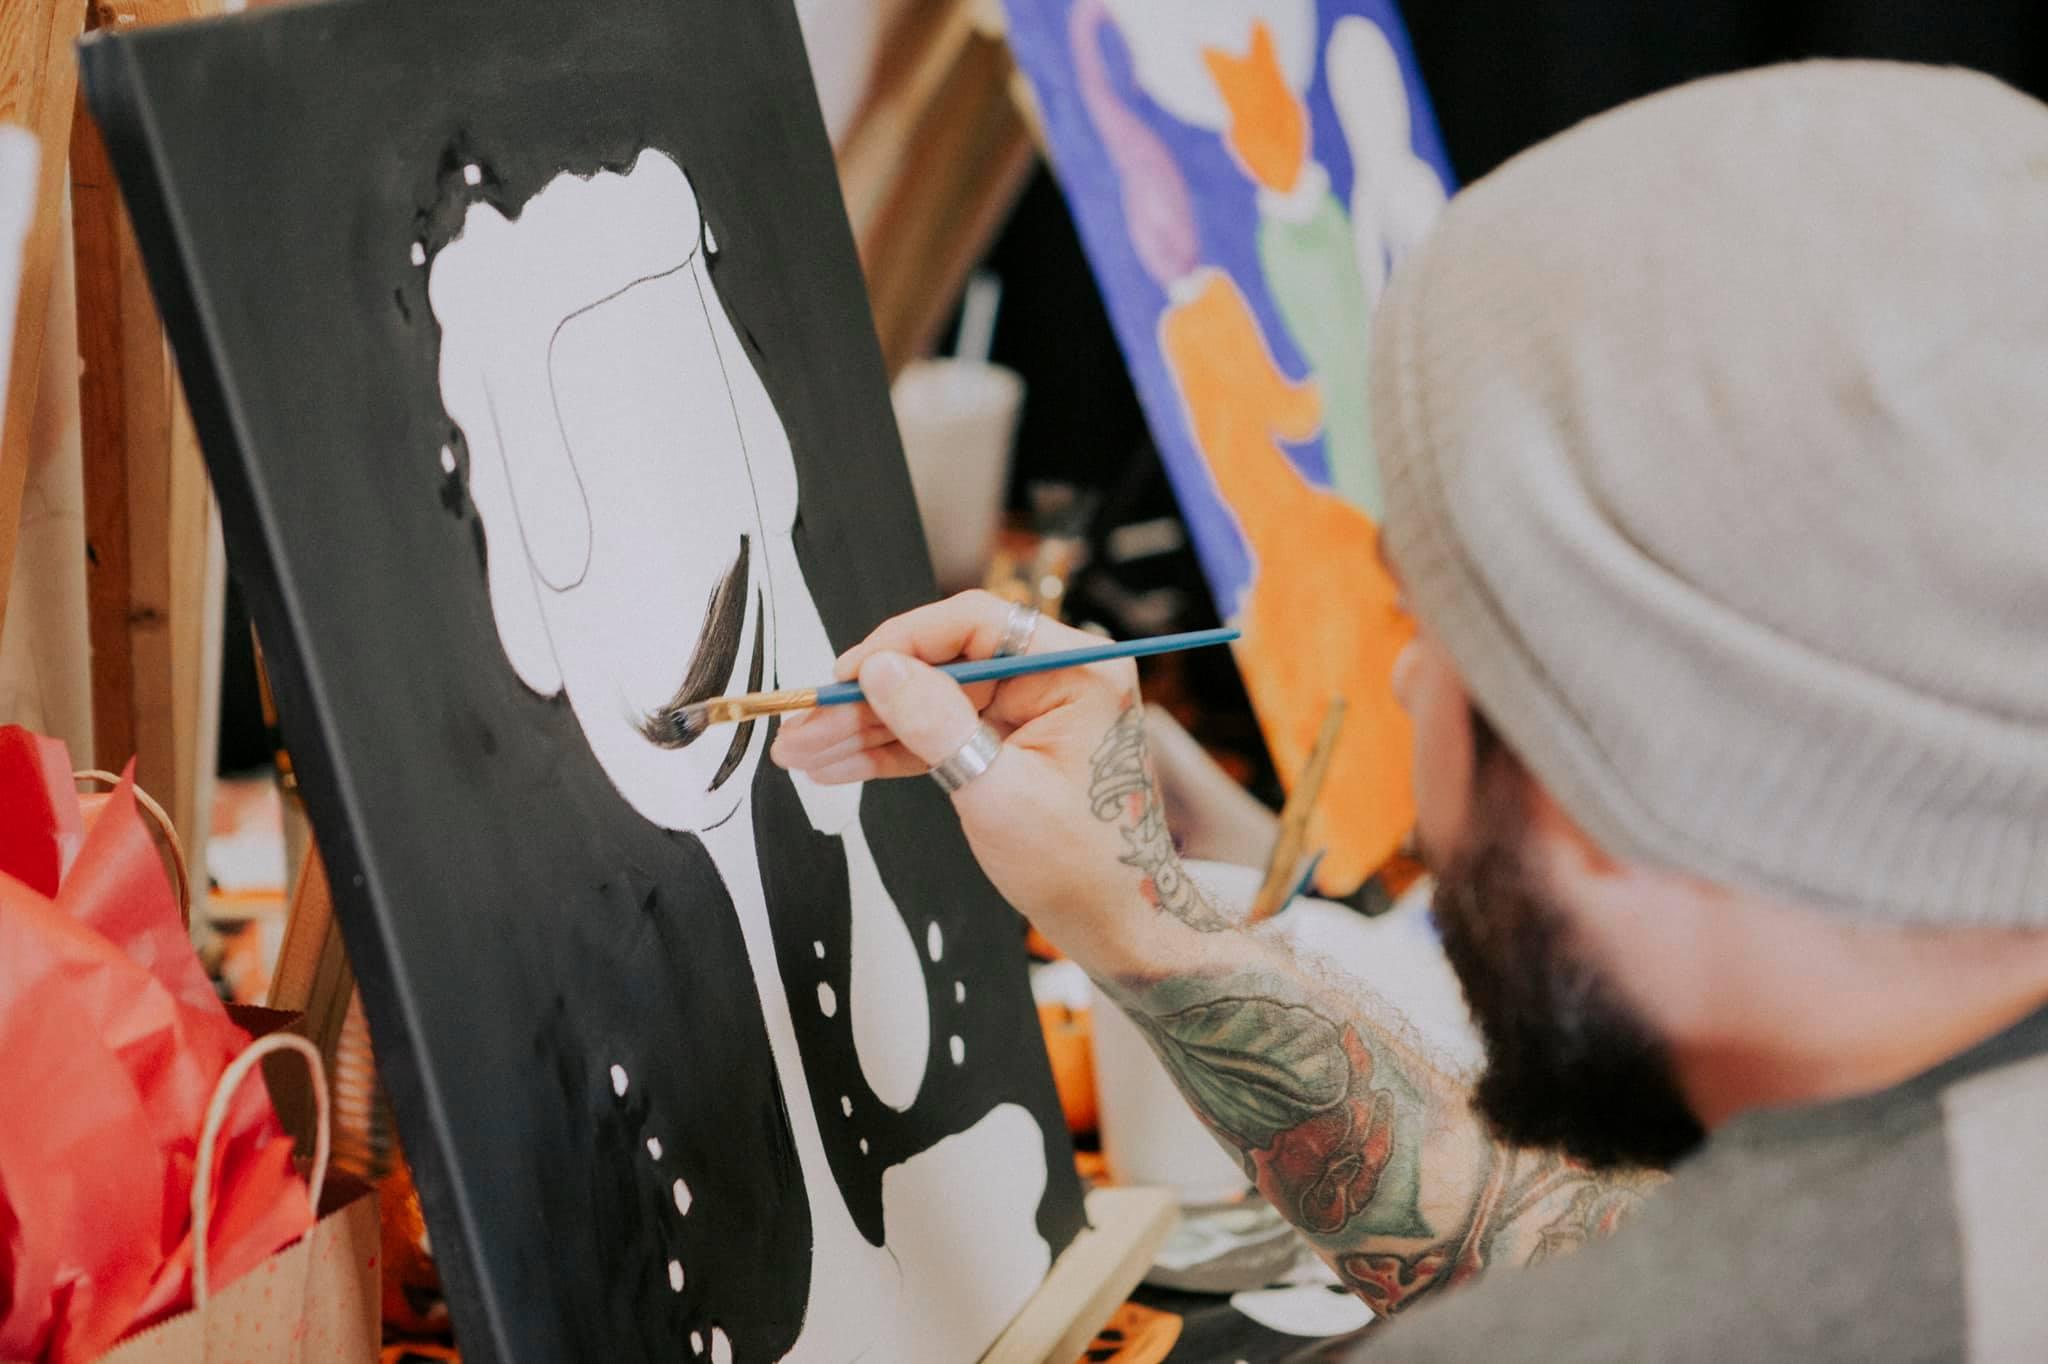 Summer Paint Night at Revolution Ink Gallery | June 20th